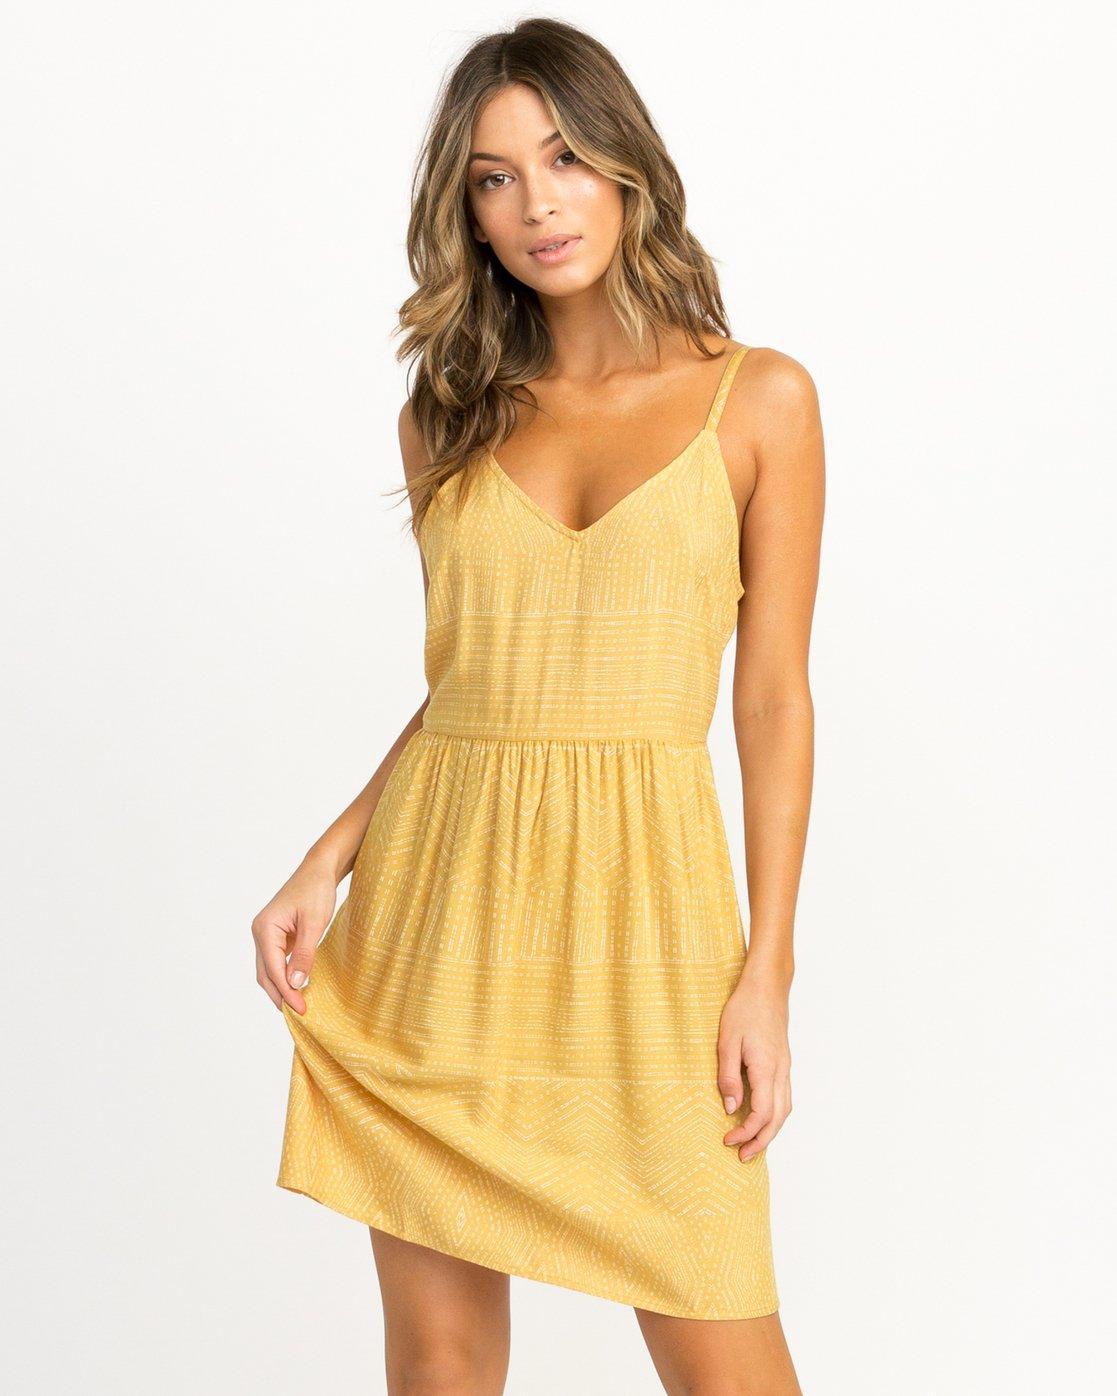 0 Nolan Printed Dress Multicolor WD14QRNO RVCA